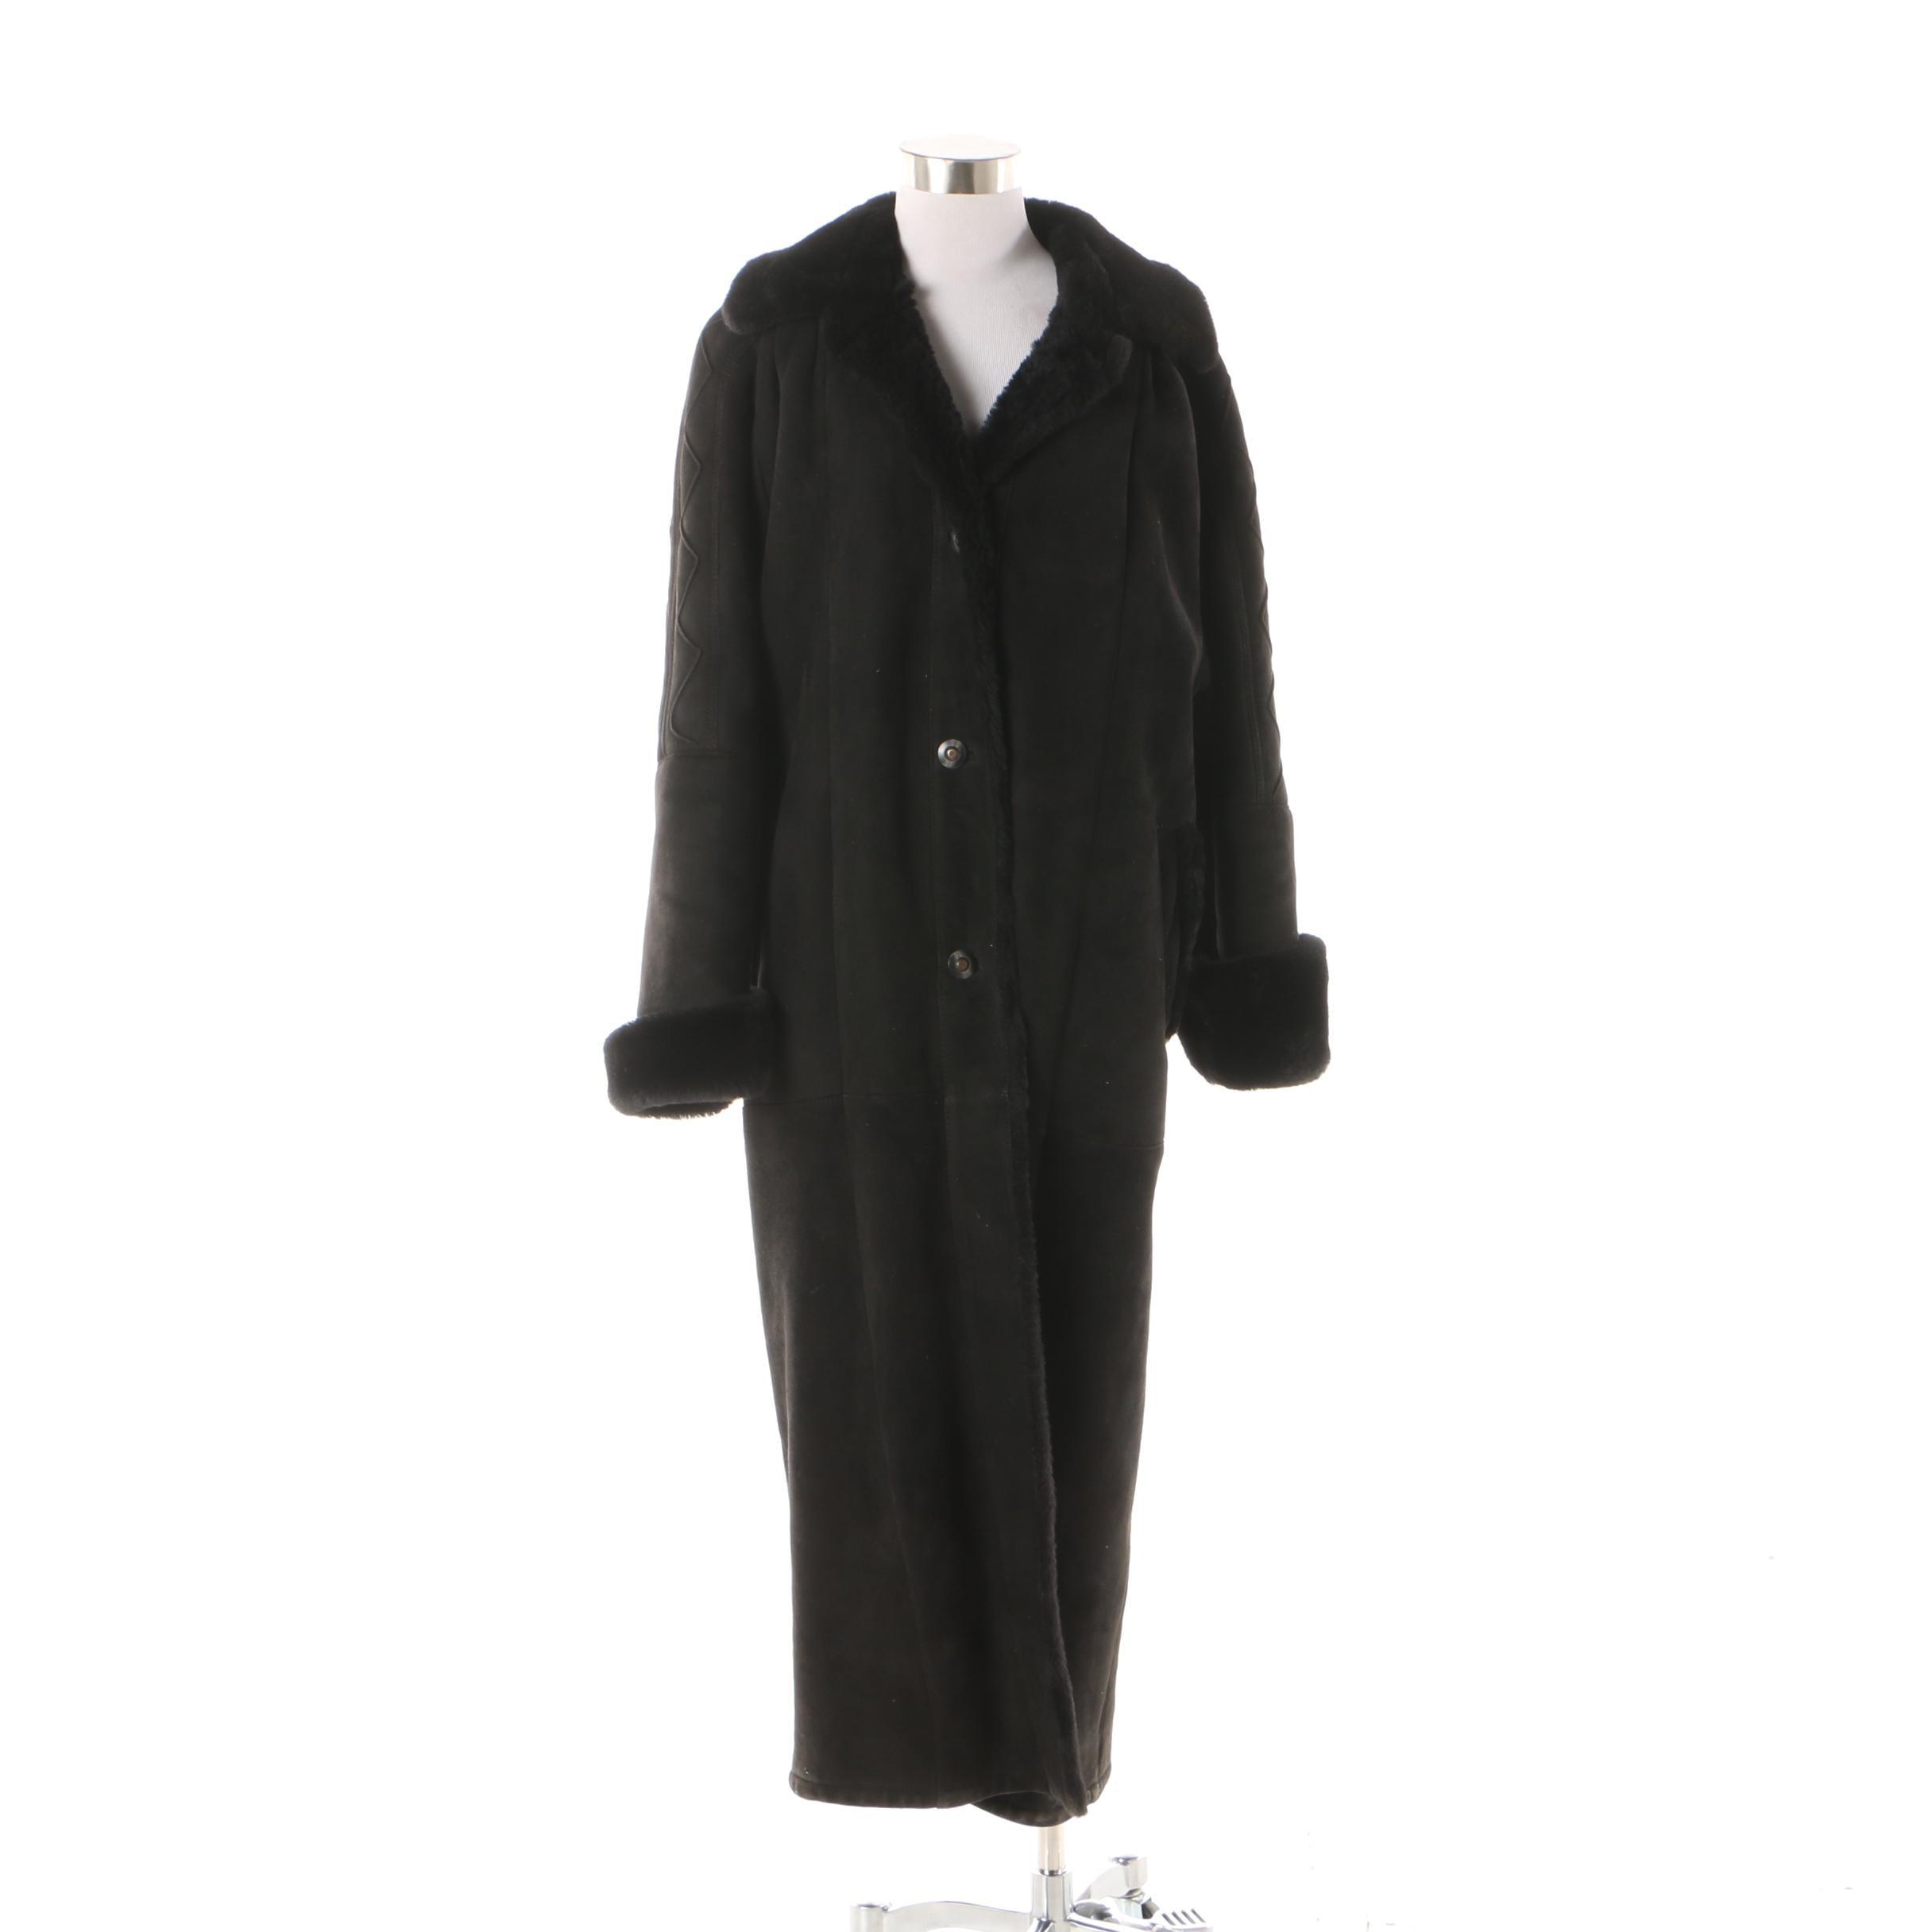 Women's Neiman Marcus Black Sheepskin Suede and Shearling Coat